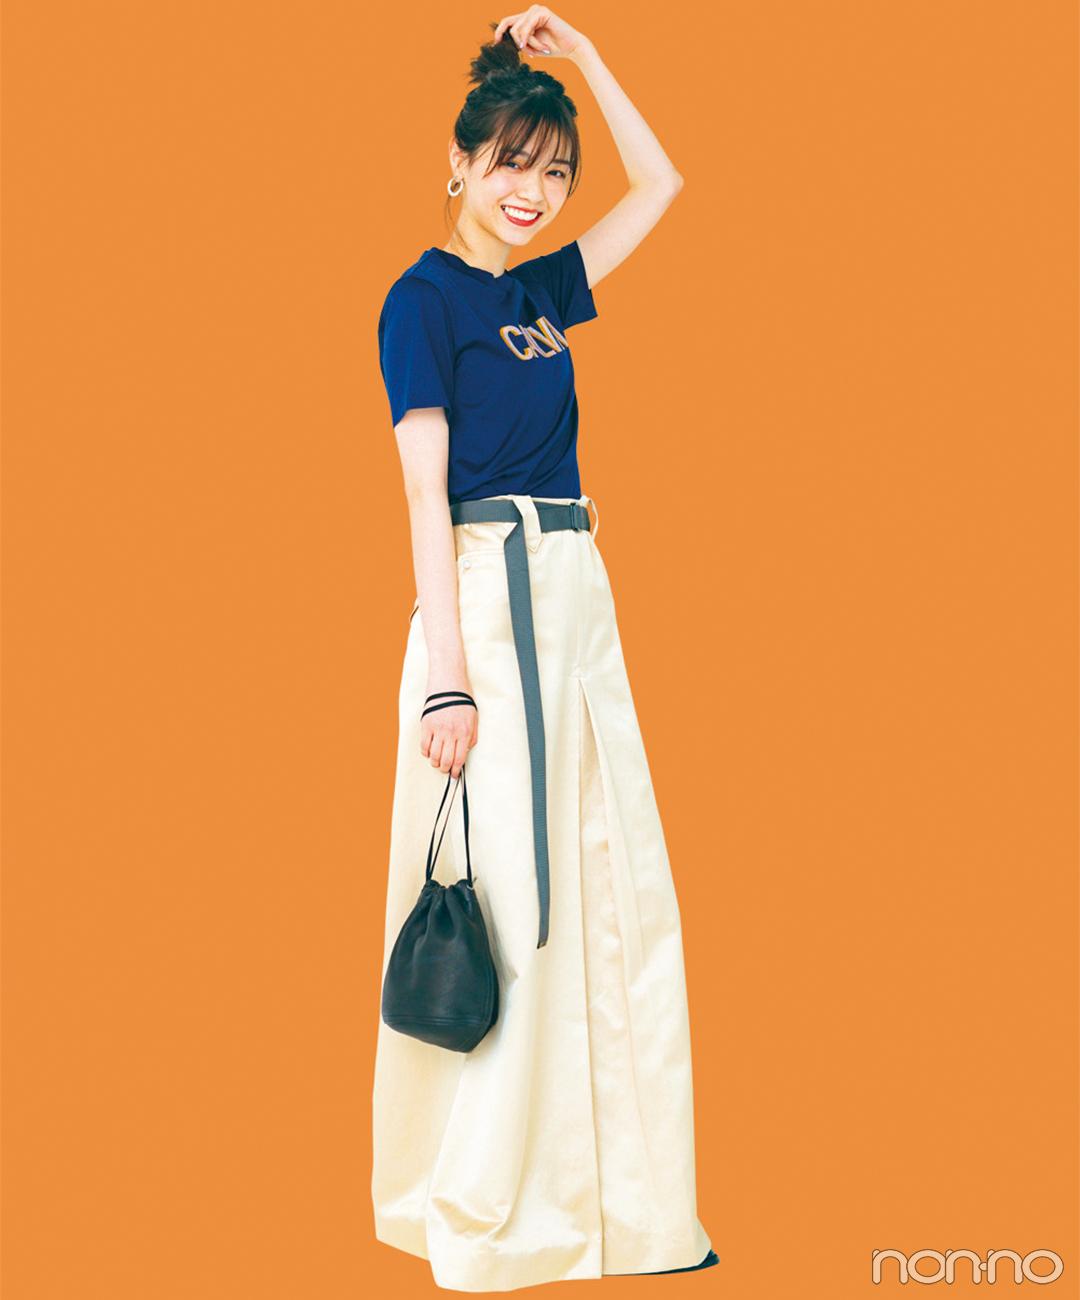 西野七瀬はコンパクトTシャツとワイドパンツでメリハリバランス【毎日コーデ】